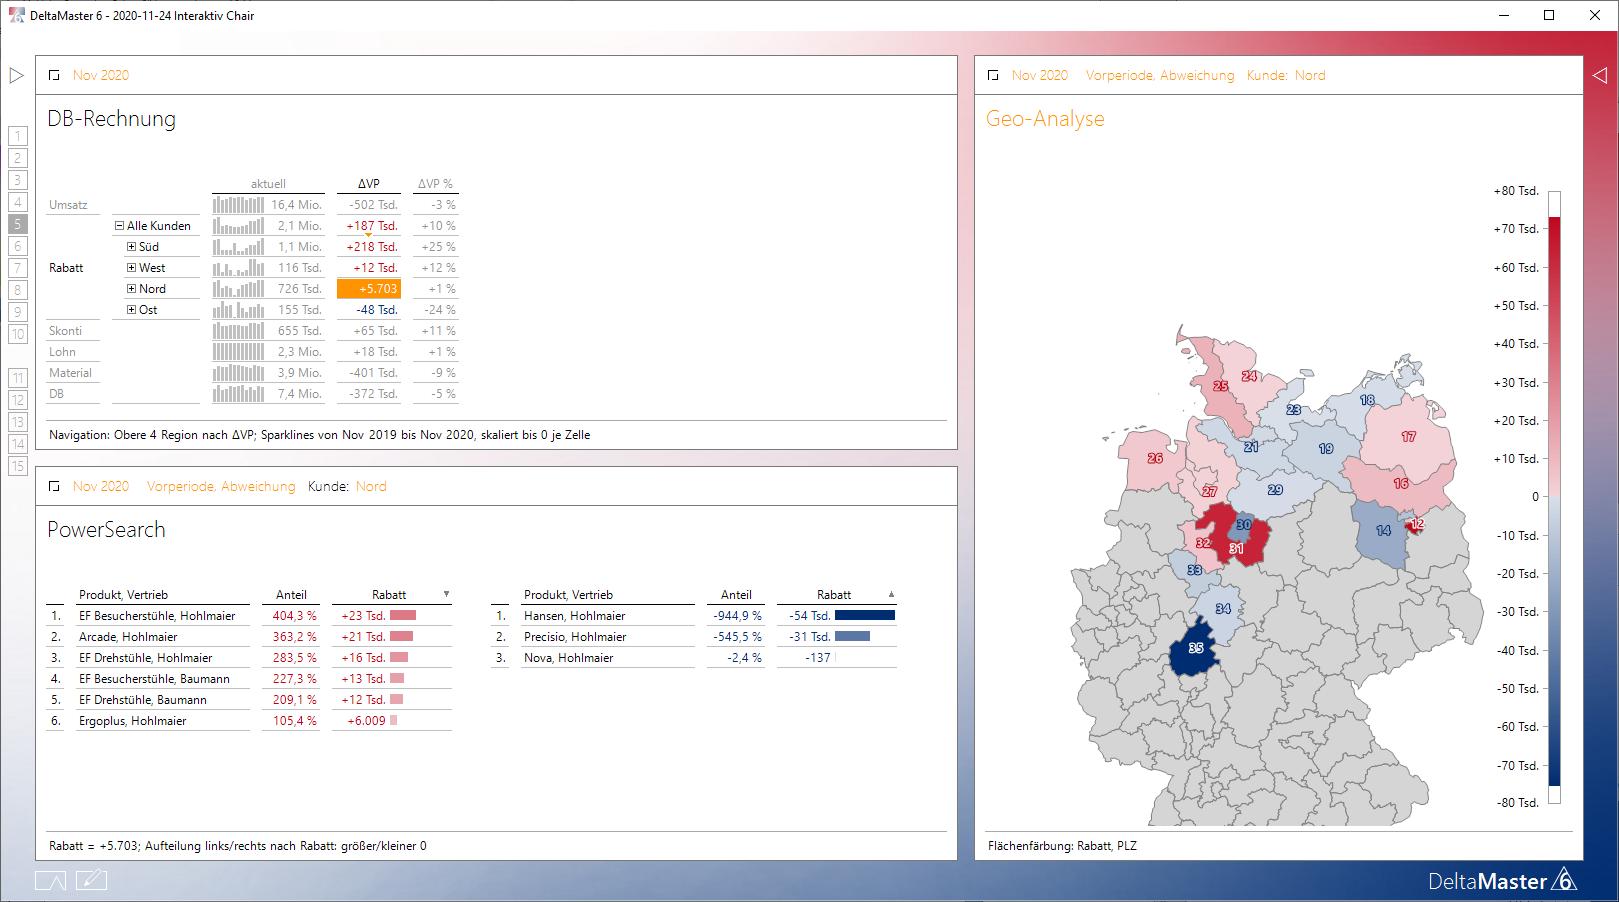 Die Detailanalyse auf Region Nord bei der Rabattänderung wird als Beispiel der interaktiven Analyse durchgeführt.